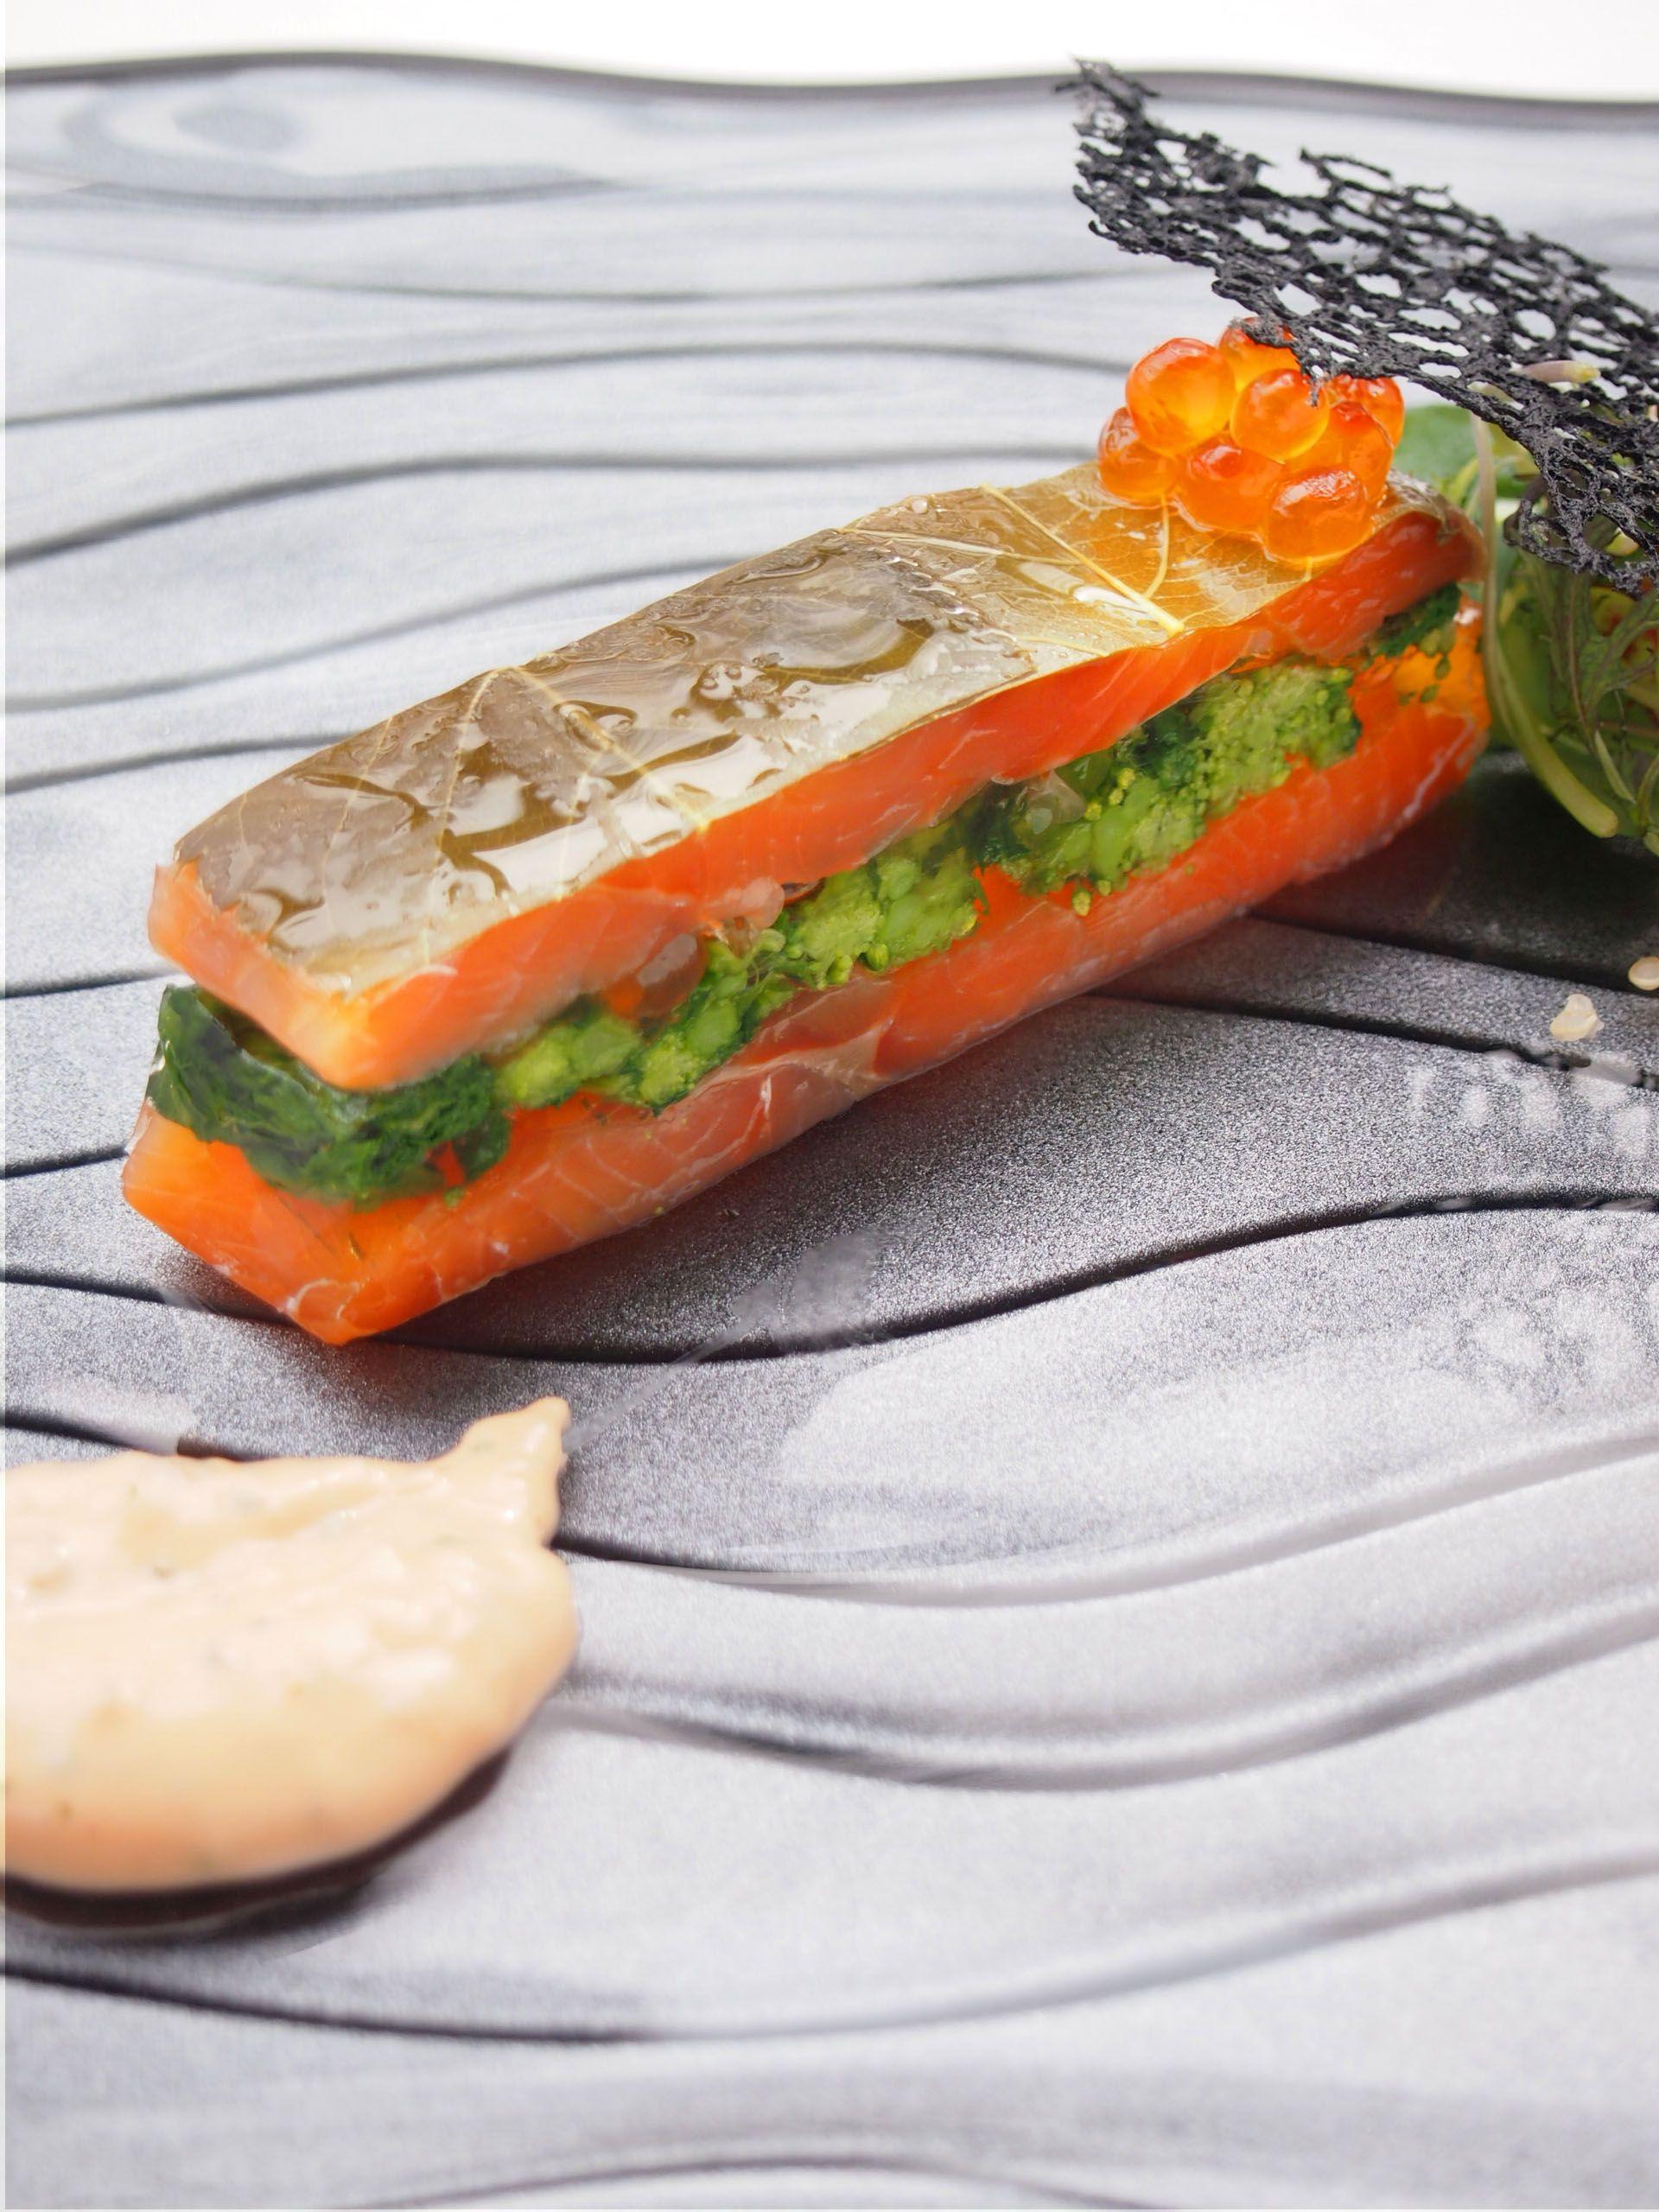 葉桜香る桜鱒のマリネと菜花のプレッセ クリビアック風 ソースショロンを添えて